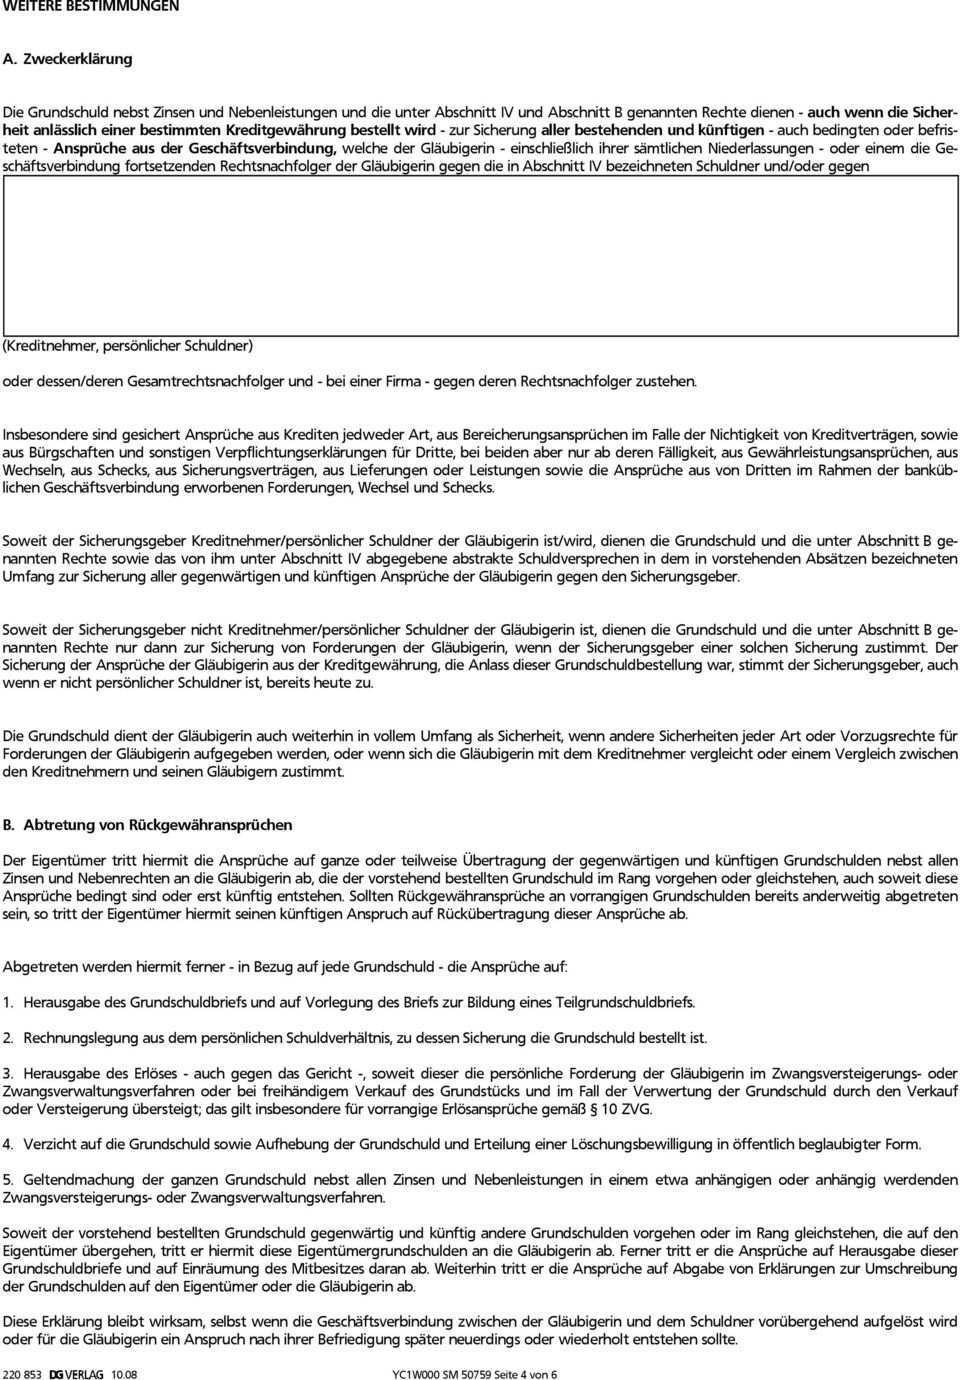 Grundschuldbestellung Mit Ubernahme Der Personlichen Haftung Und Zwangsvollstreckungsunterwerfung Pdf Free Download